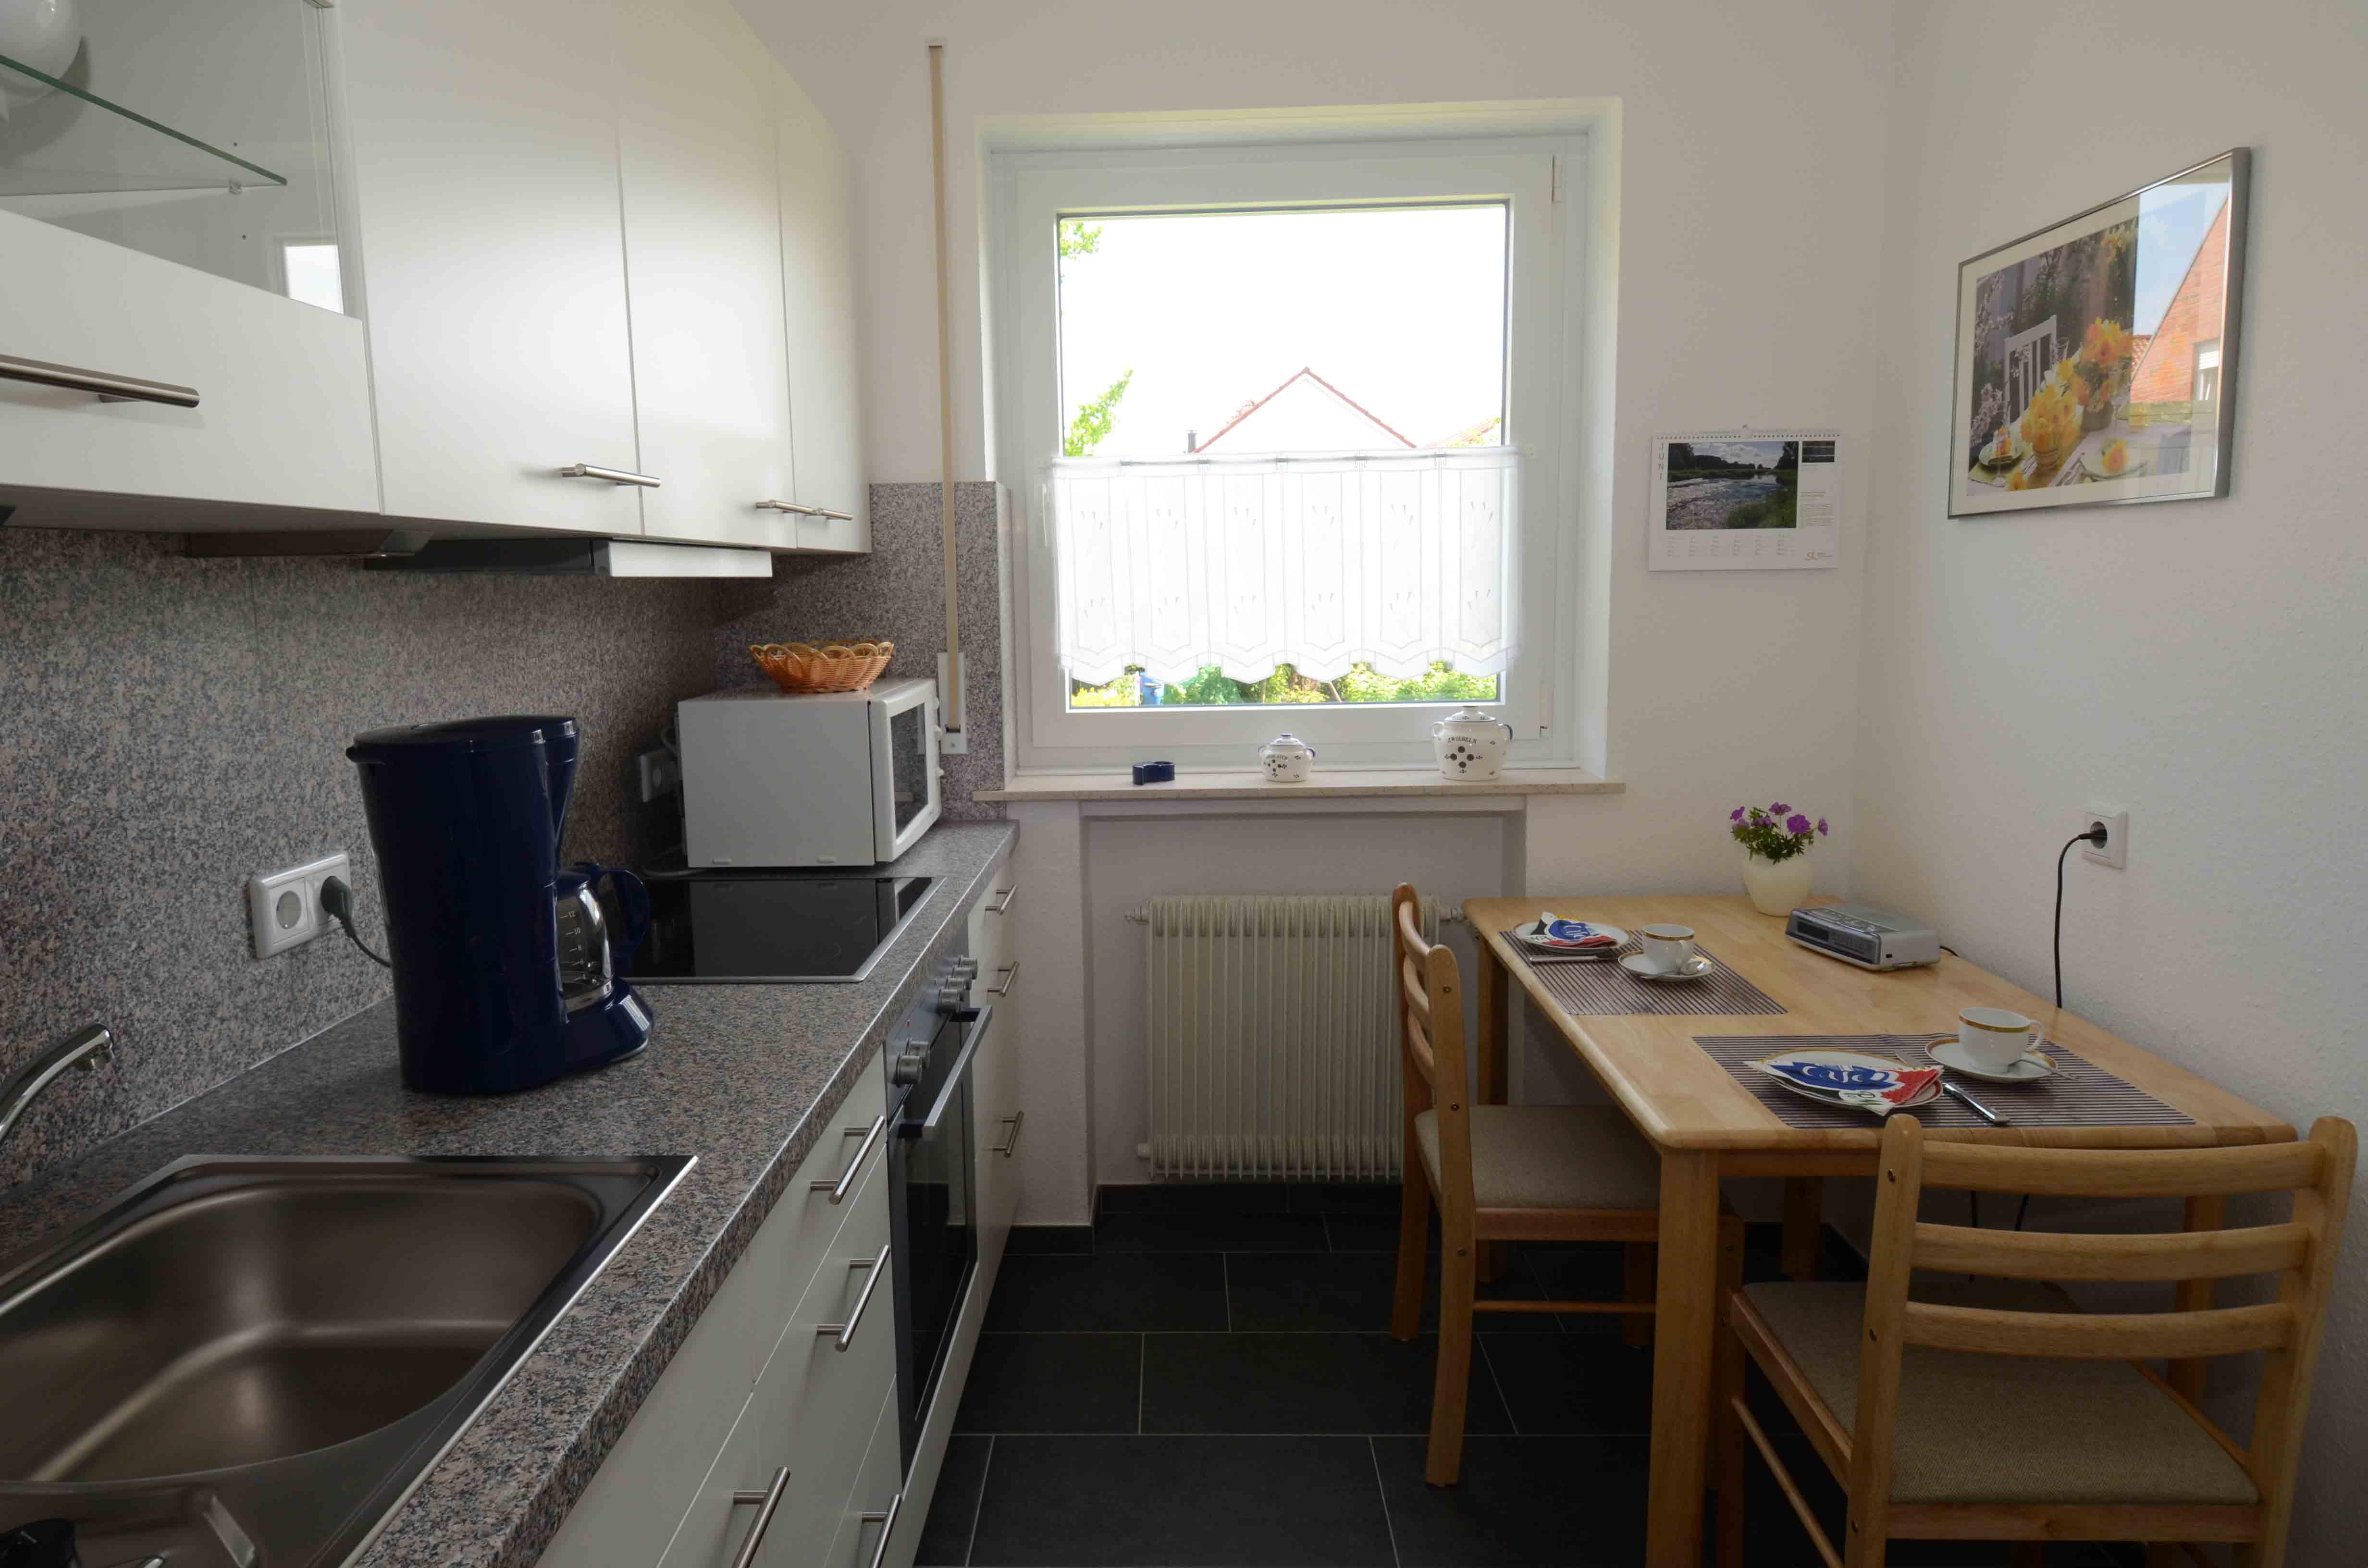 beautiful 6 qm küche einrichten gallery - home design ideas ... - 6 Qm Küche Einrichten